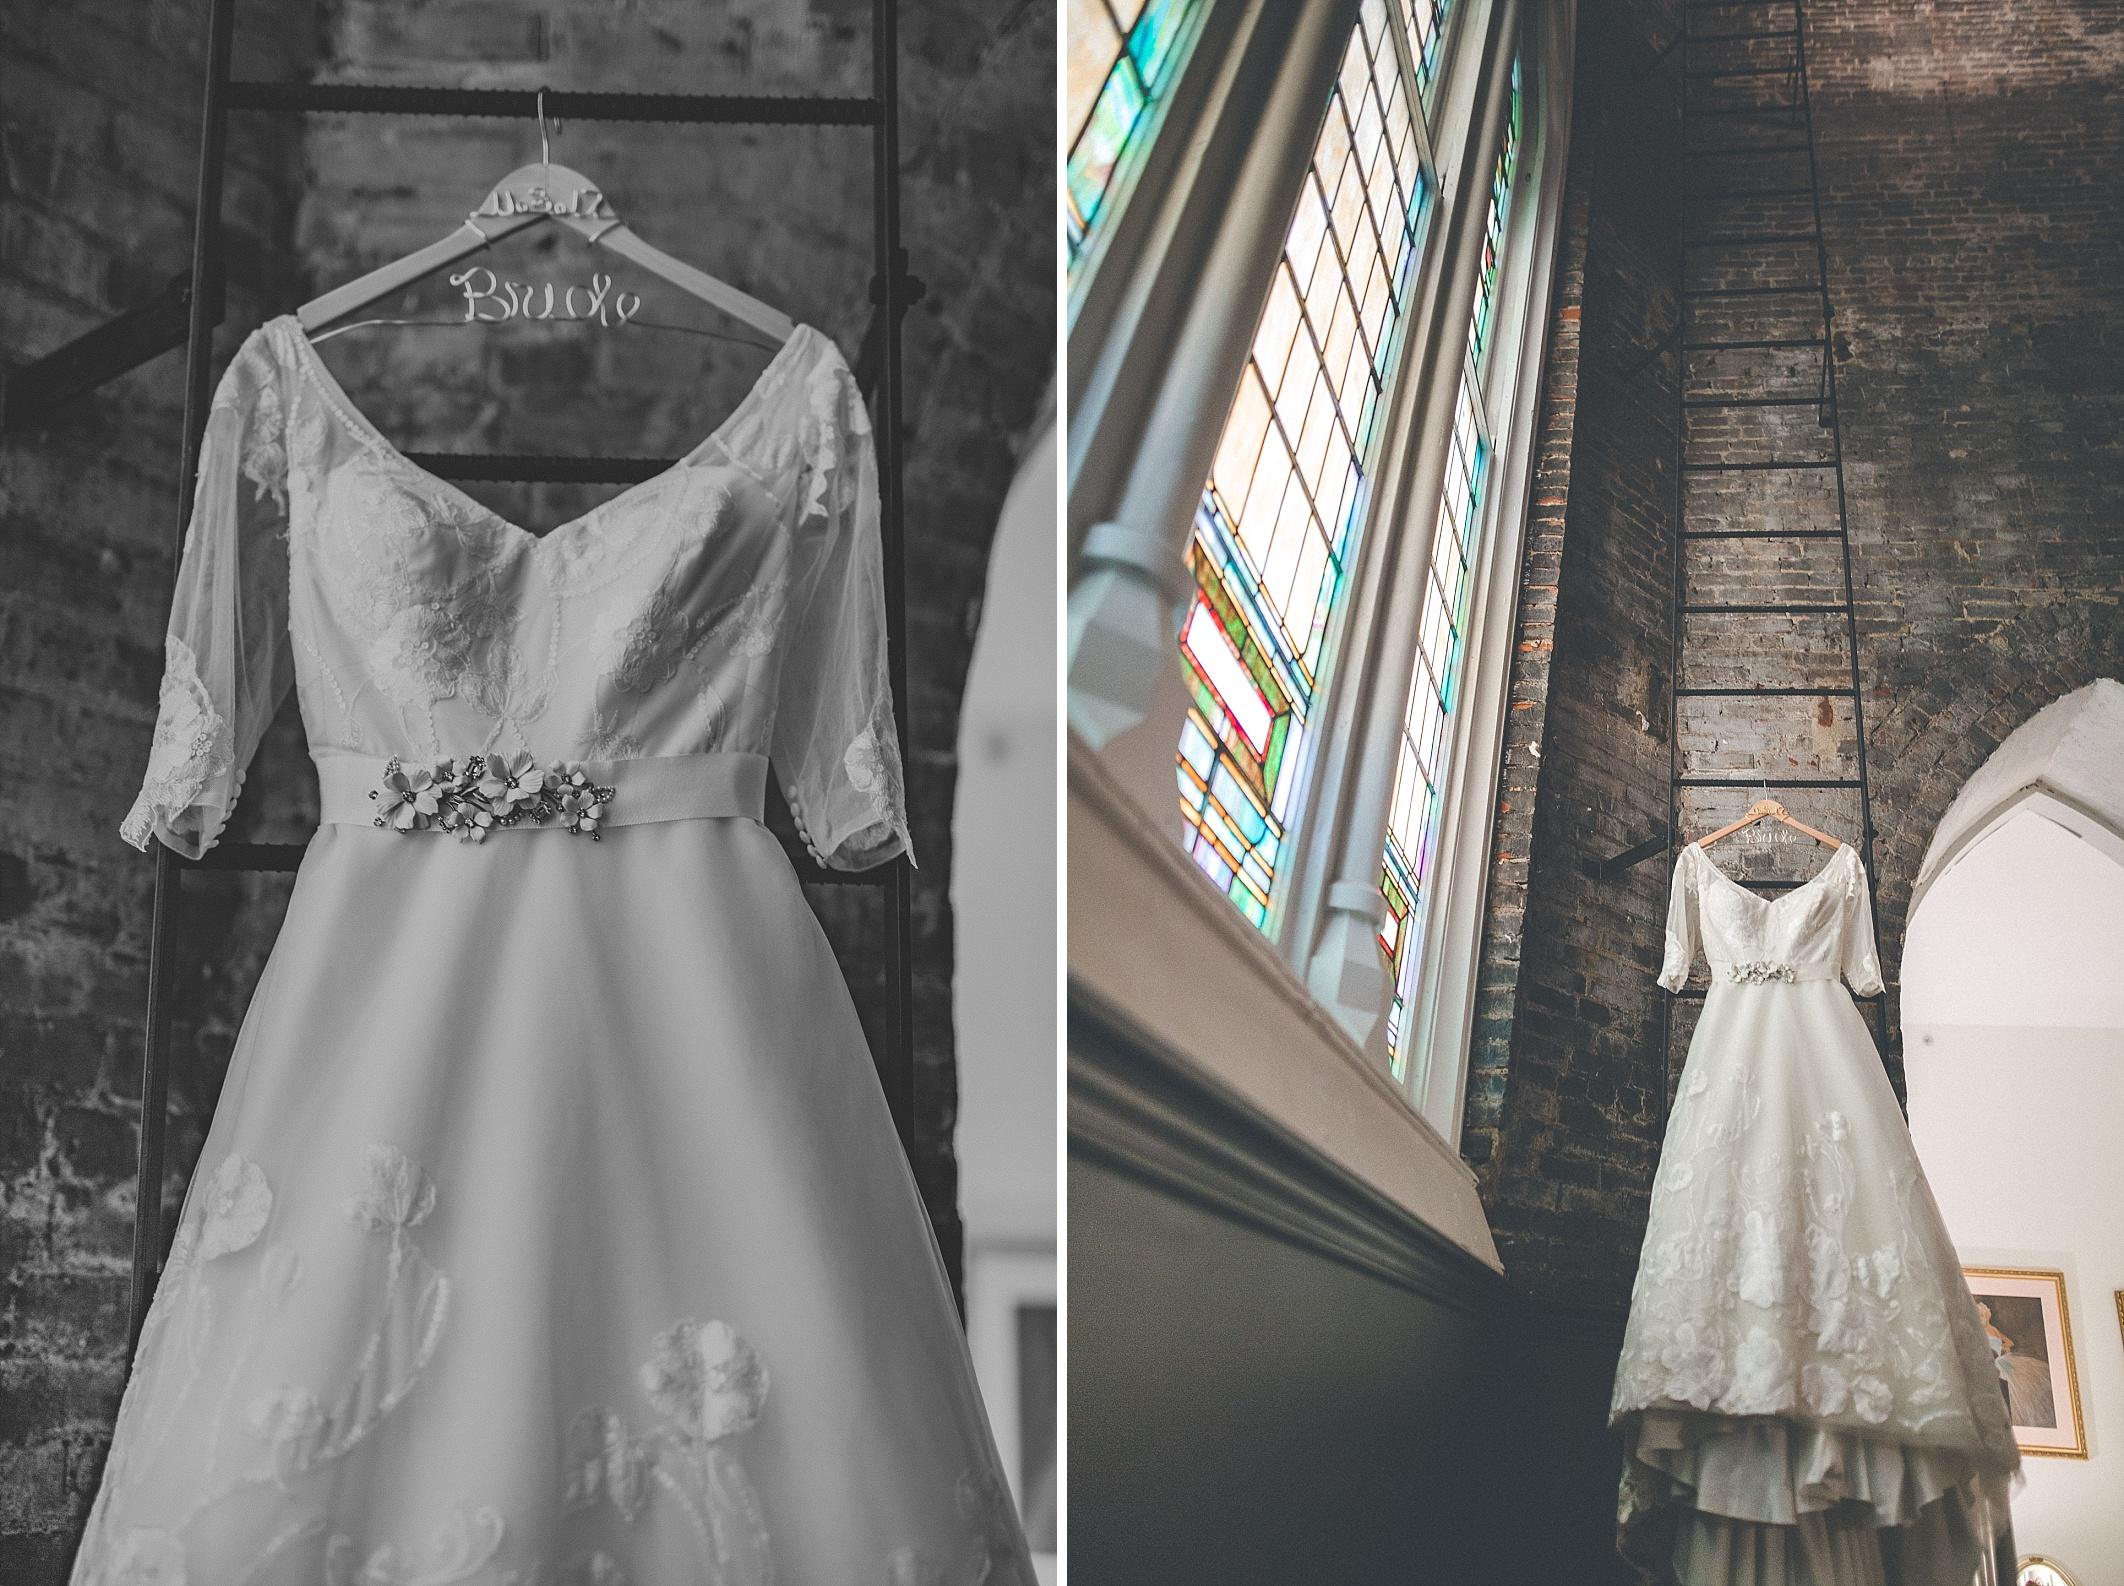 hilary-aaron-cincinnati-trancept-wedding-photographer-dayton-ohio_0002.jpg